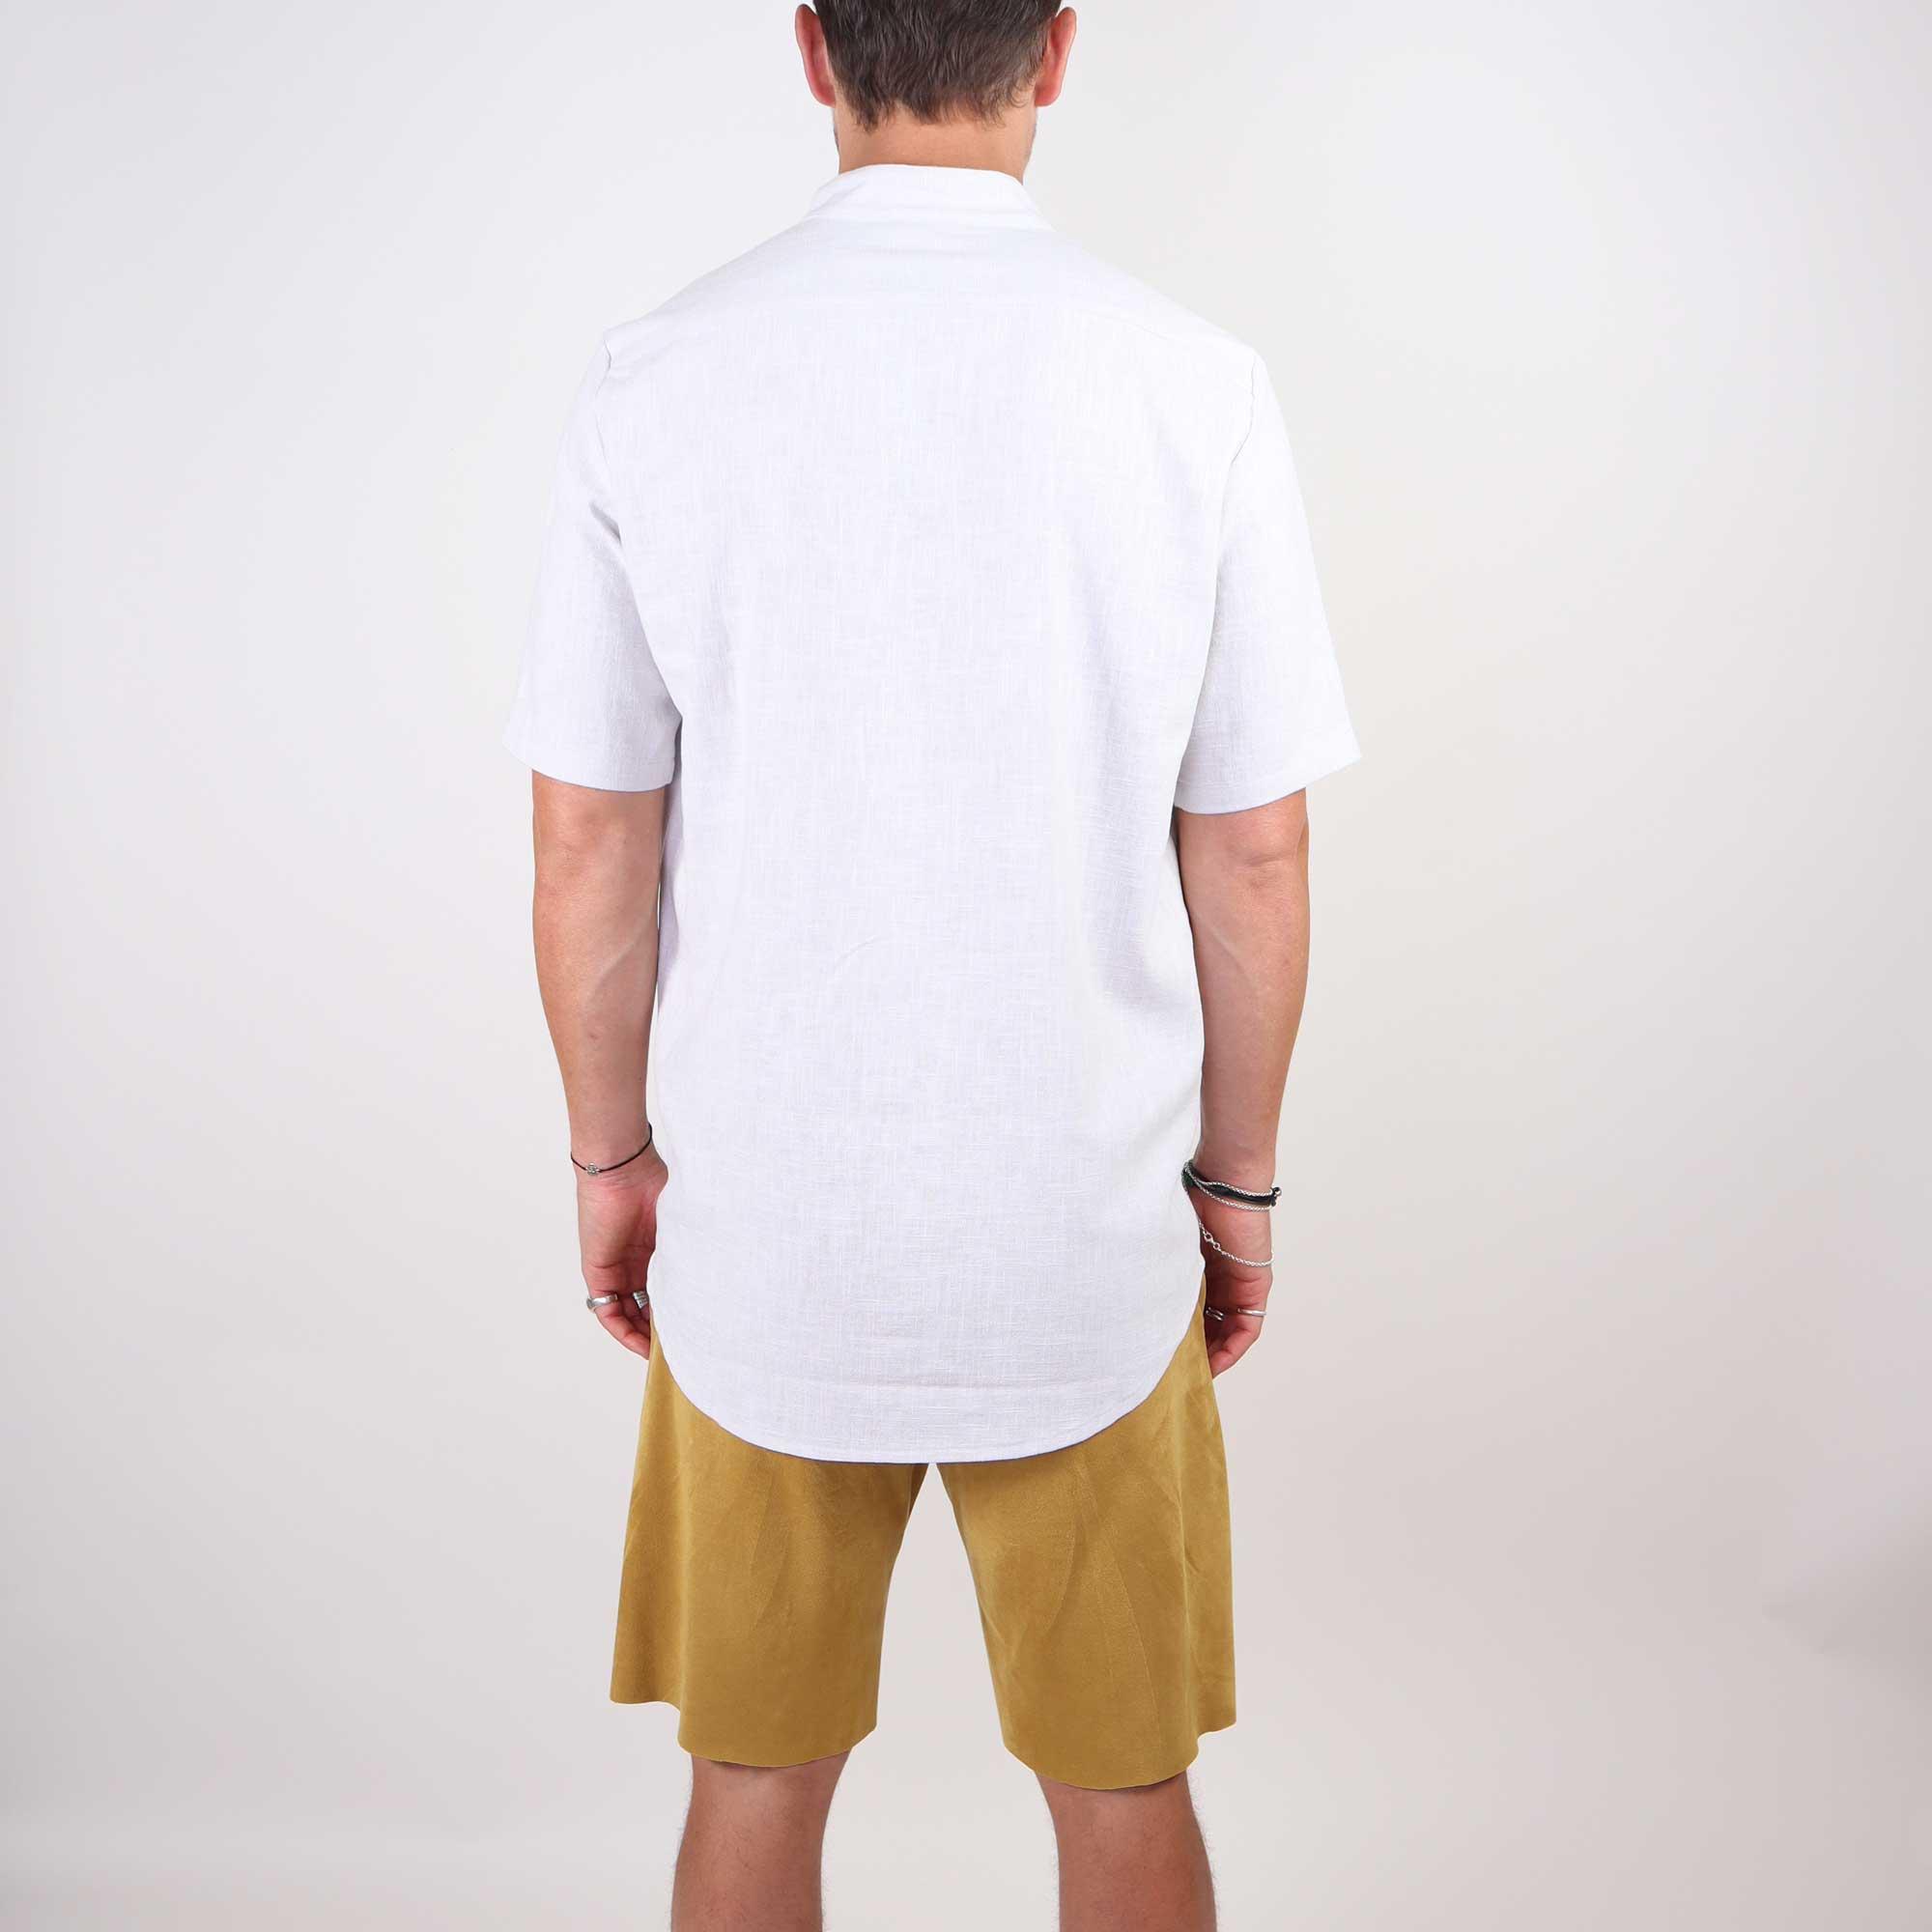 zippy-short-greywhite-3